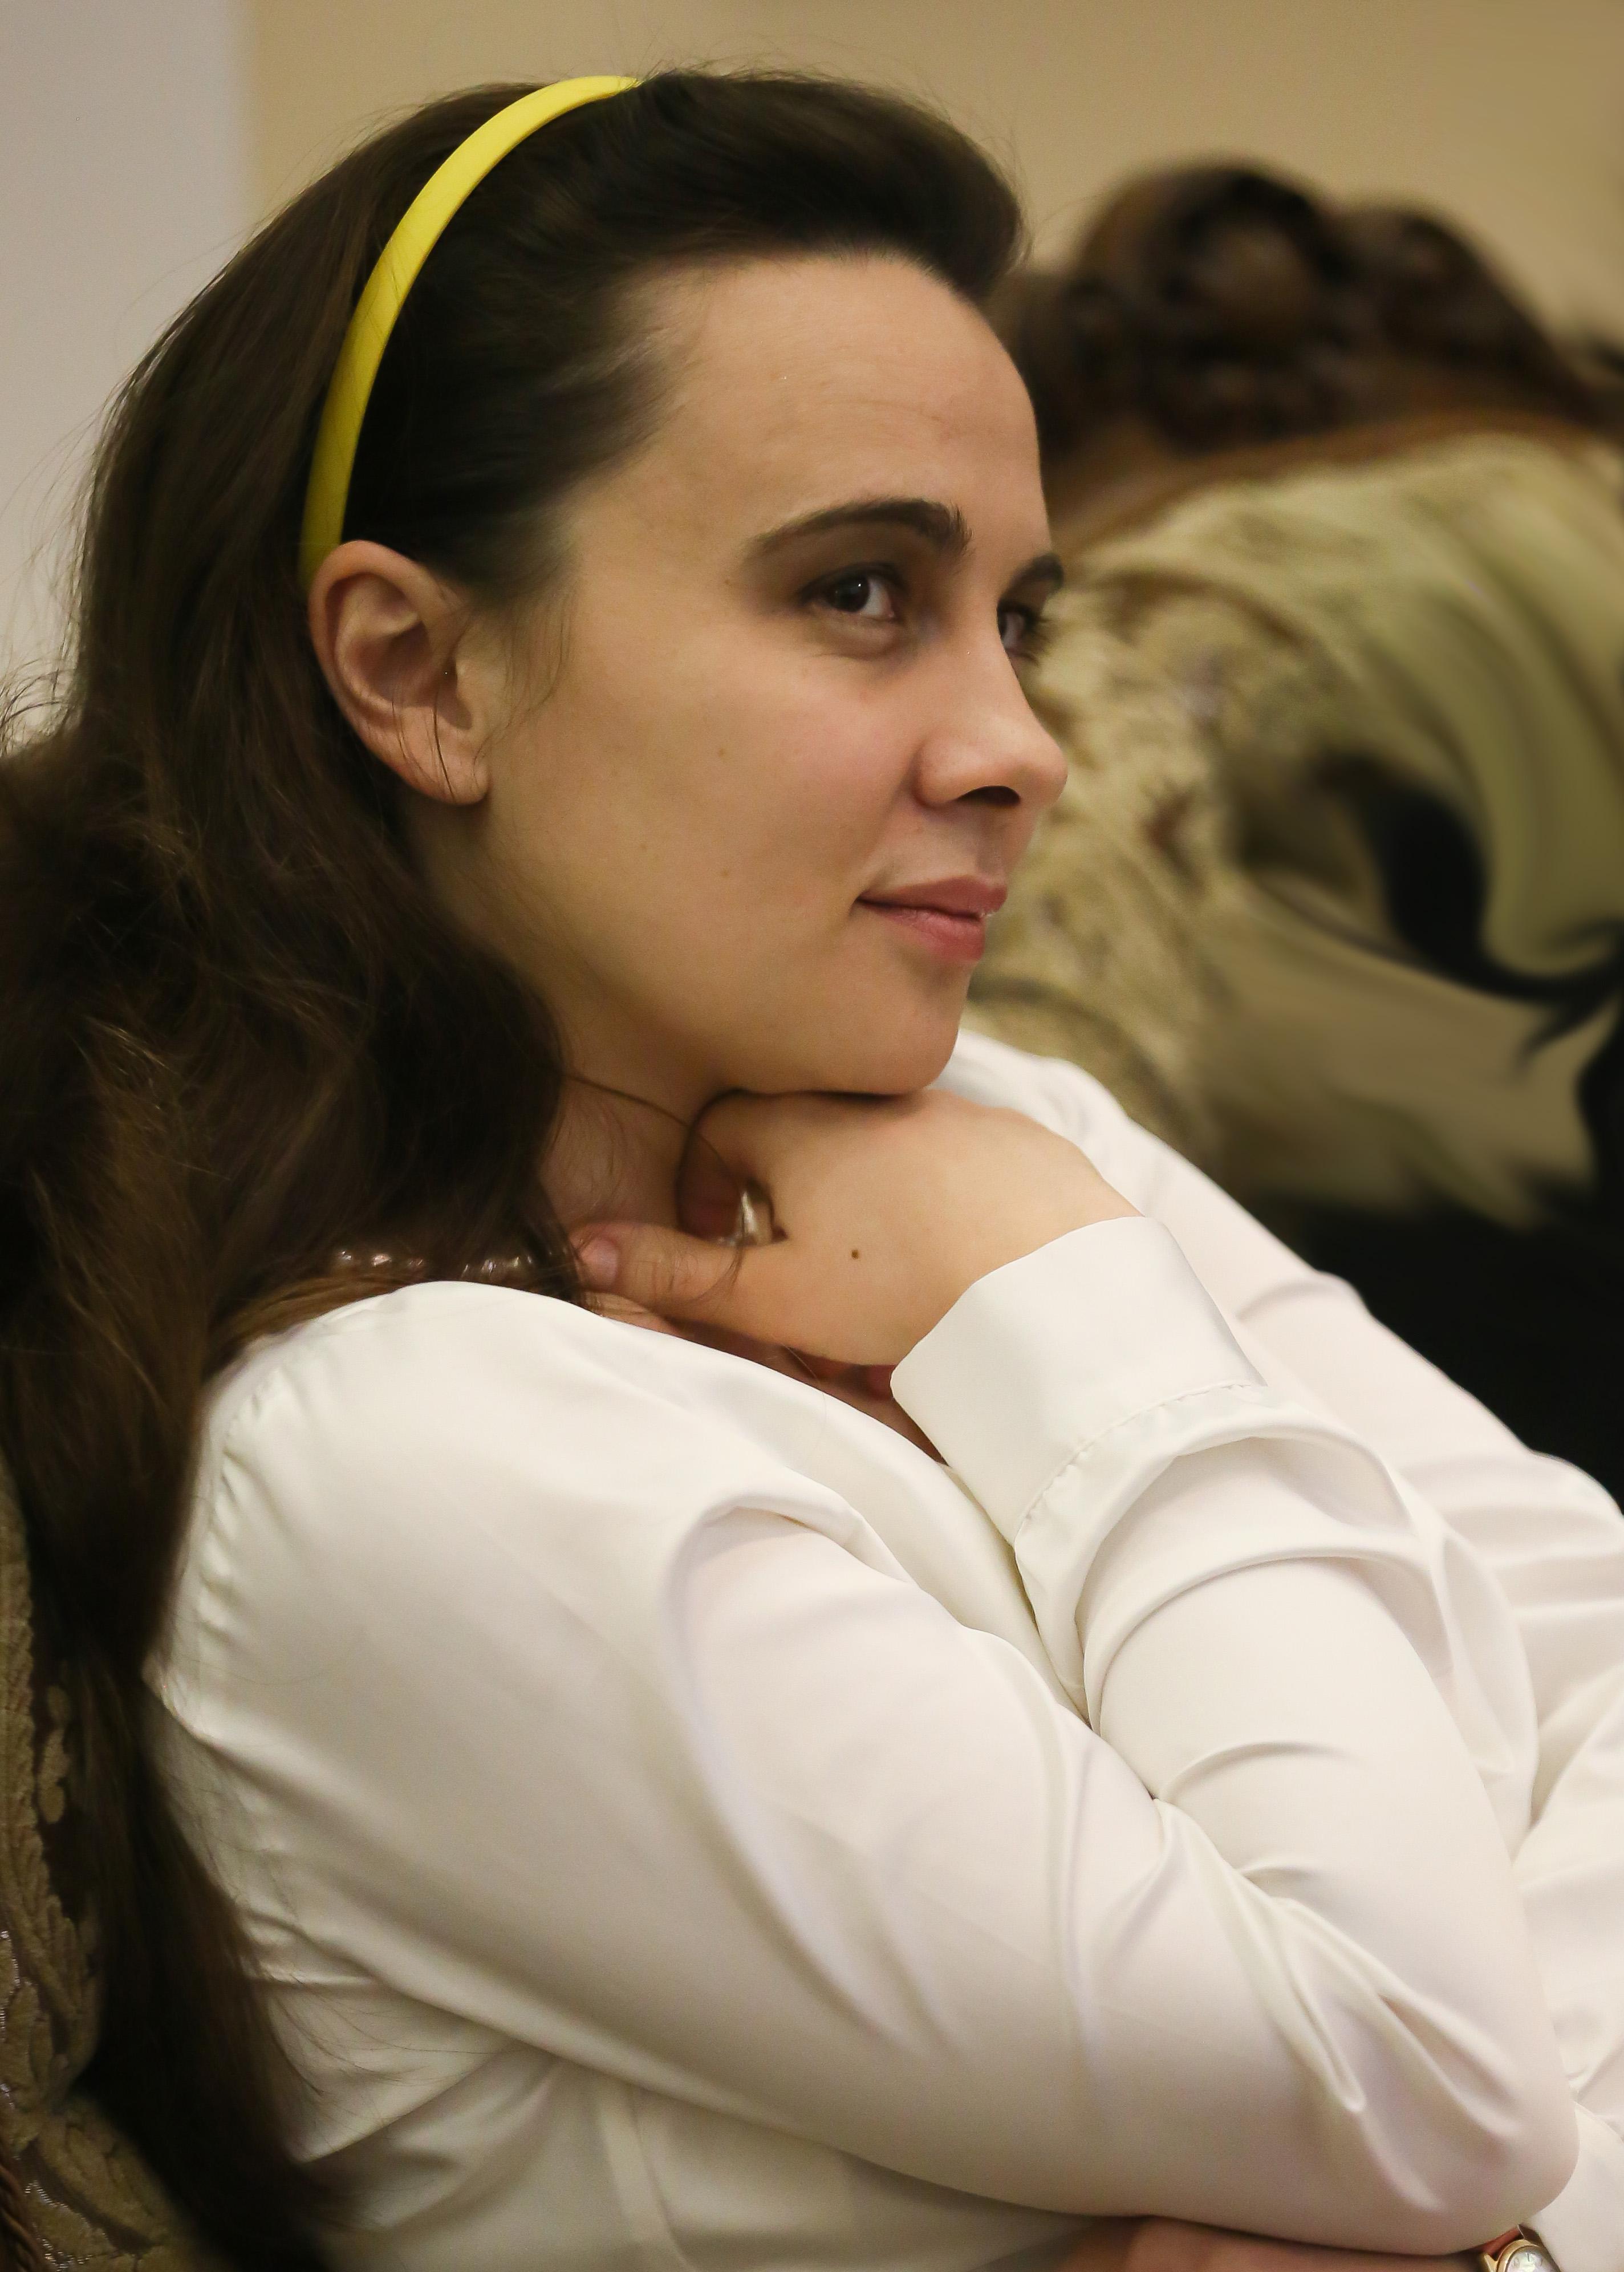 Elena Gryzlova